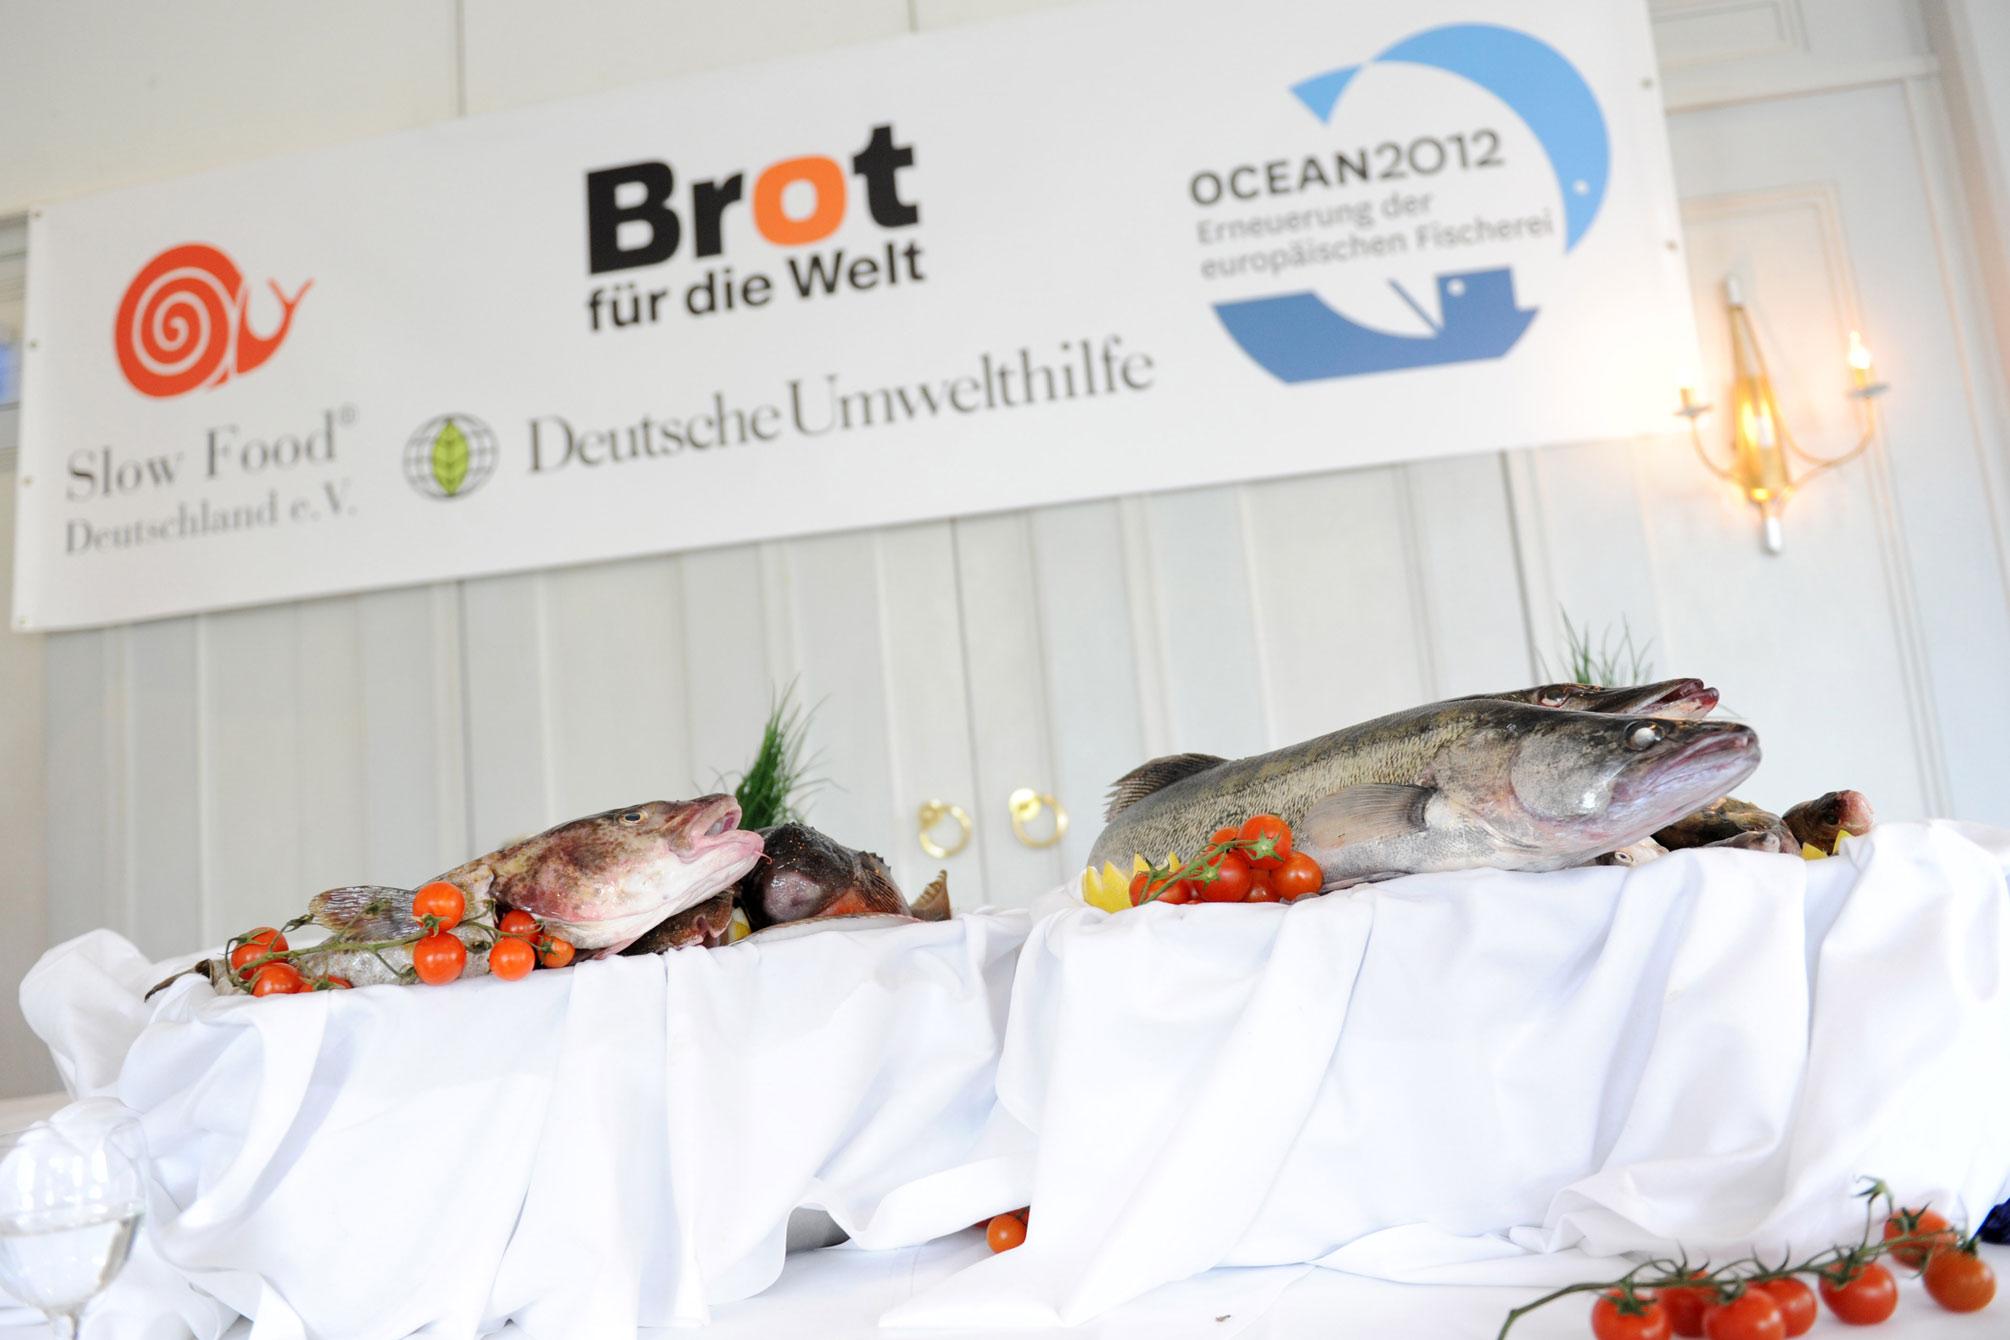 Pressekonferenz mit Bundesministerin Ilse Aigner zur EU-Fischereipolitik